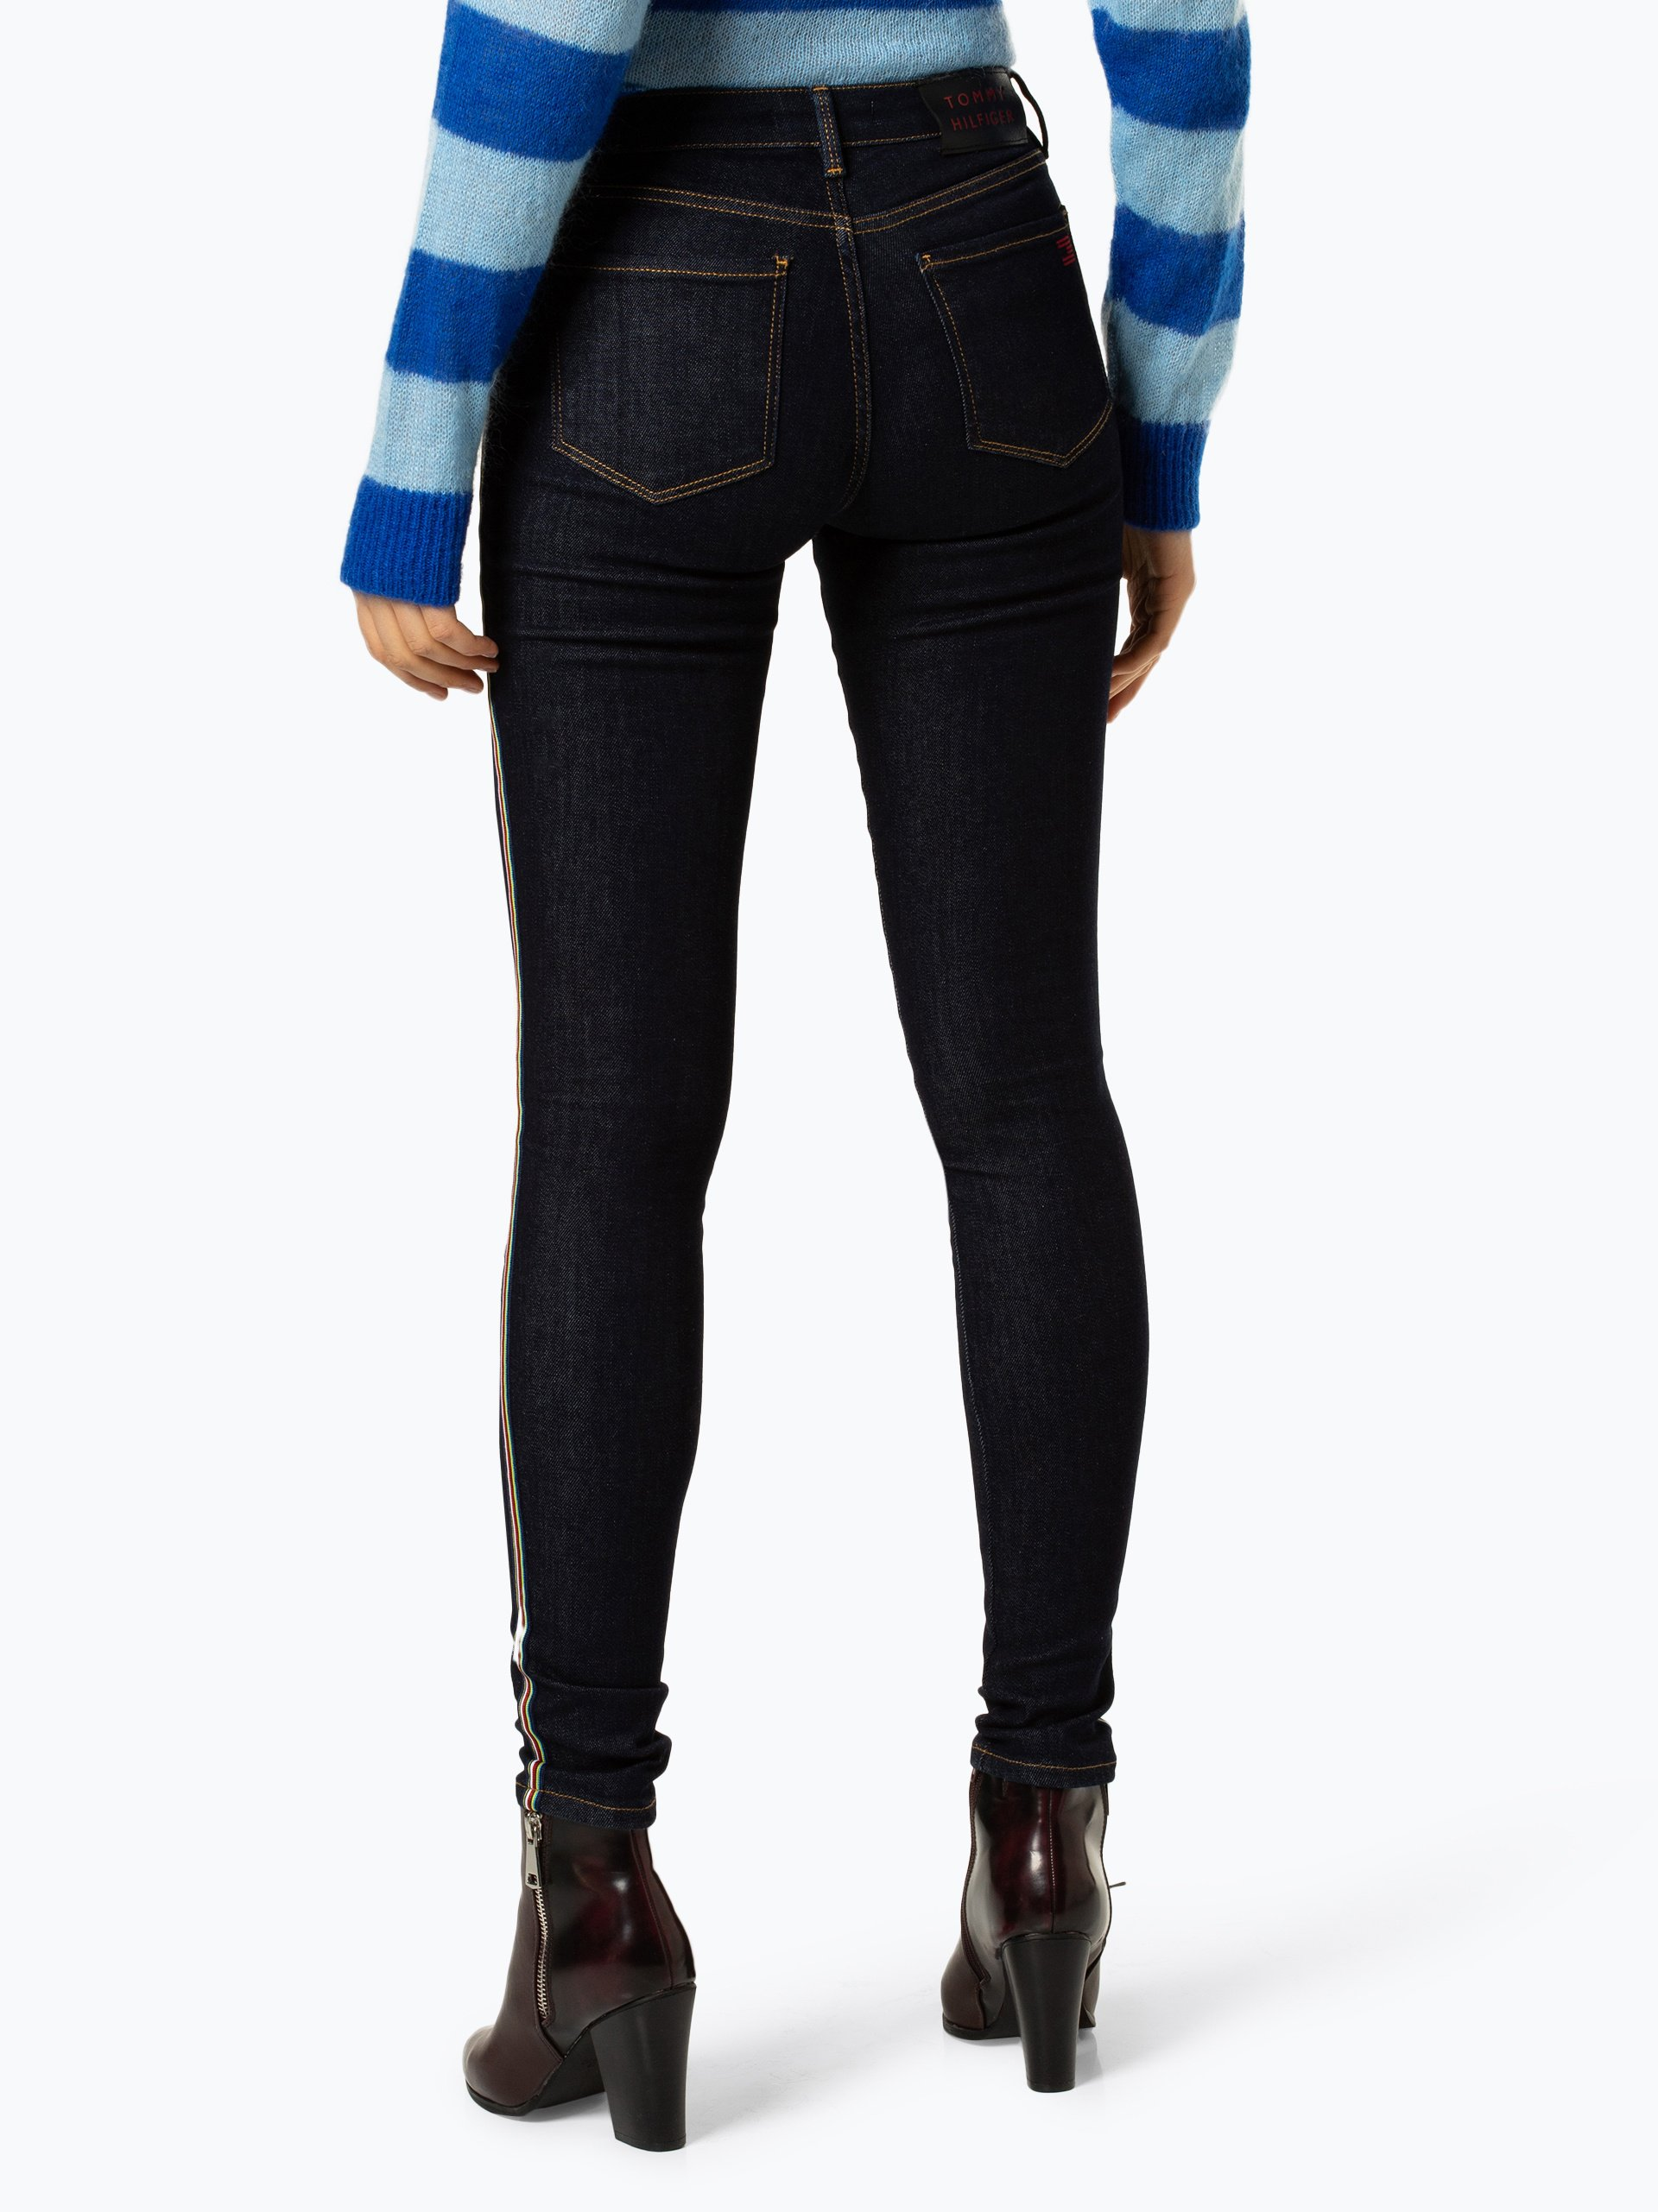 tommy hilfiger damen jeans online kaufen vangraaf com. Black Bedroom Furniture Sets. Home Design Ideas